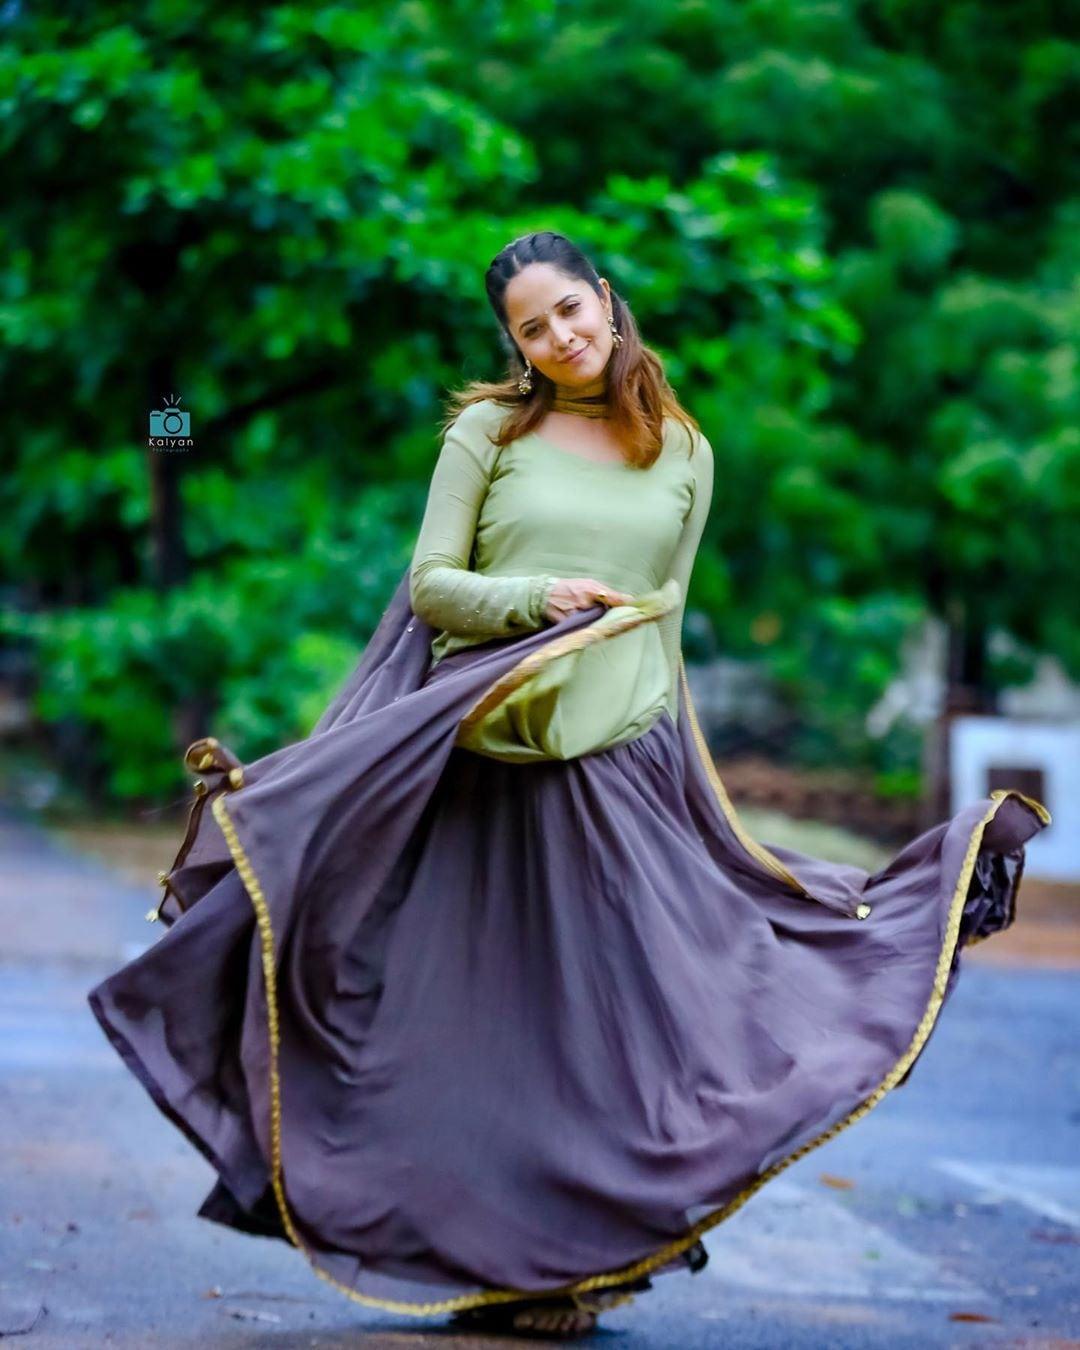 జబర్ధస్త్ యాంకర్ అనసూయ భరద్వాజ్(Photo:Instagram)